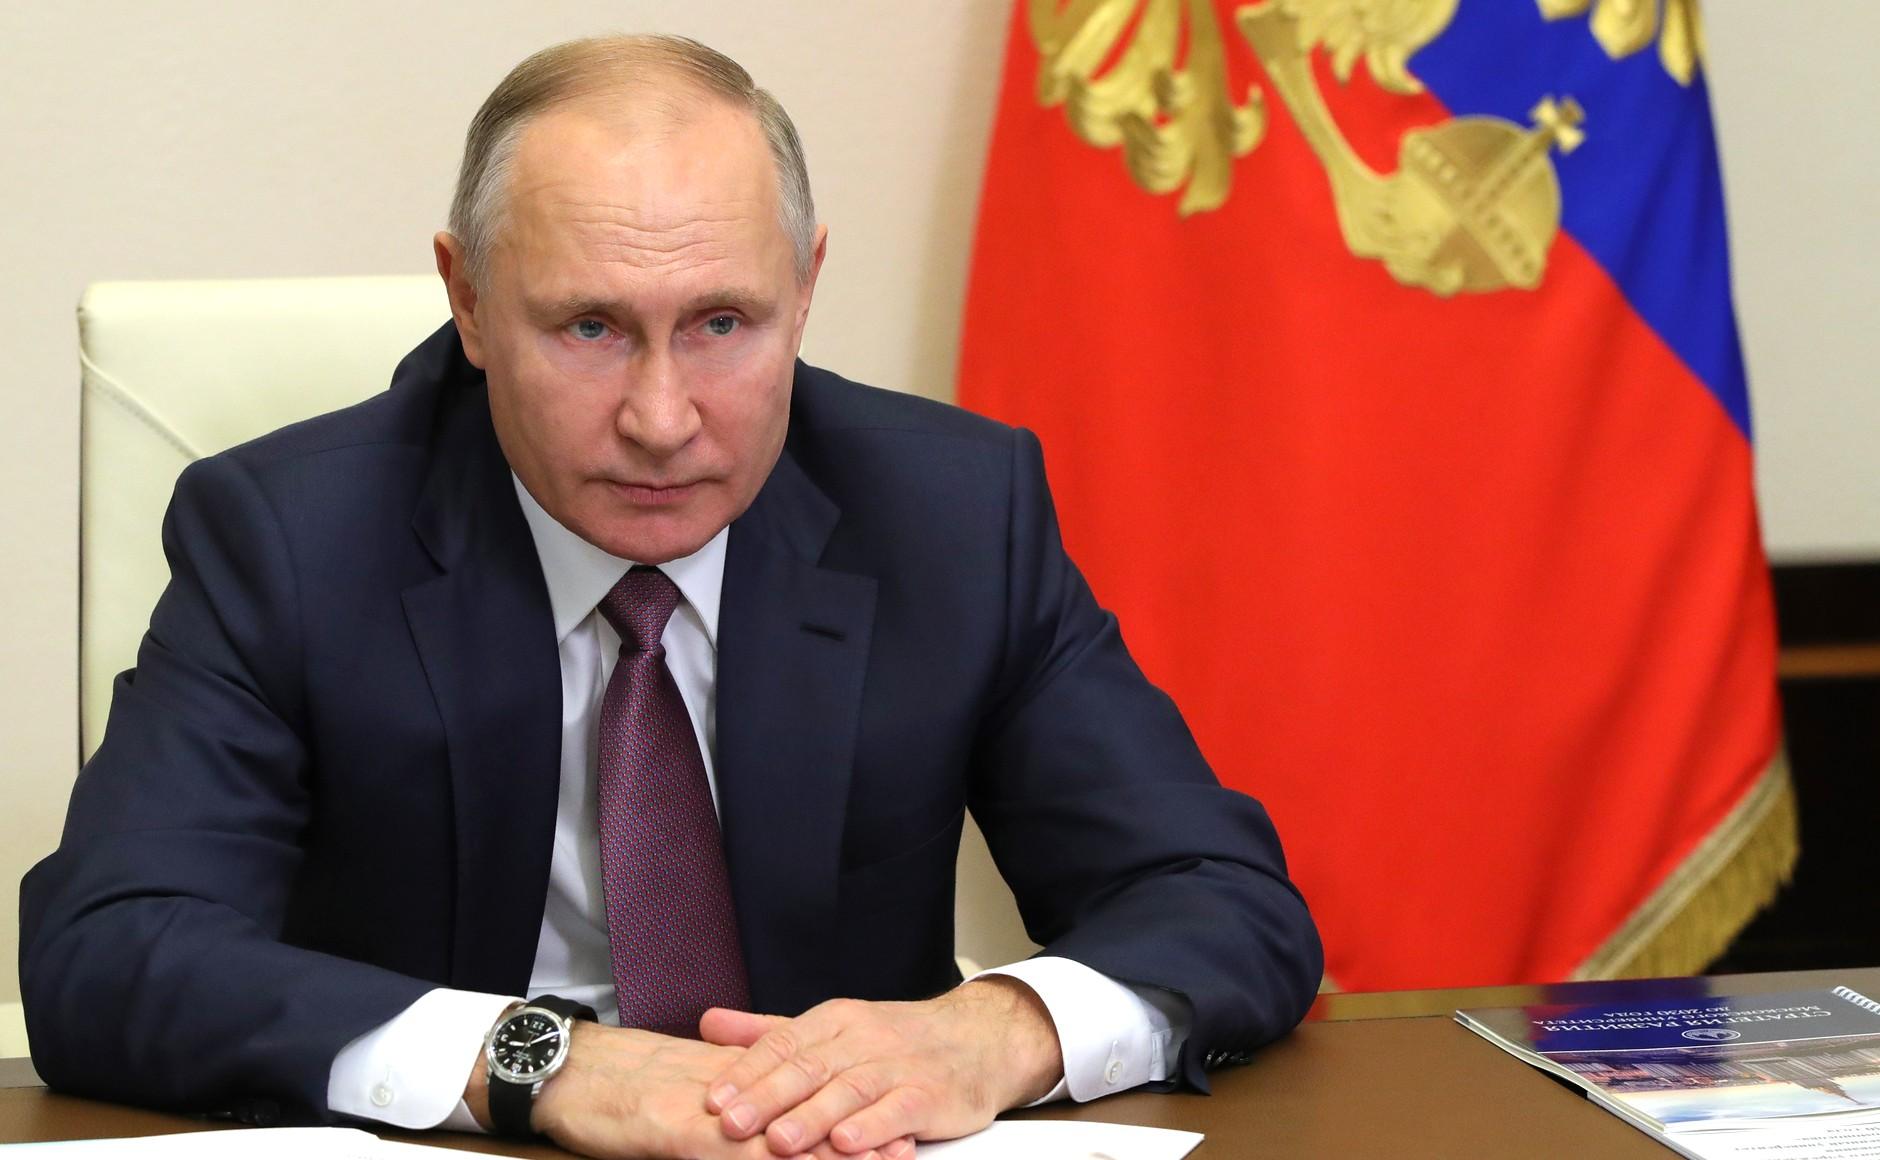 UNIVERSITE RUSSIE 3 SUR 3 Réunion du conseil d'administration de l'Université d'État de Moscou 24 décembre 2020